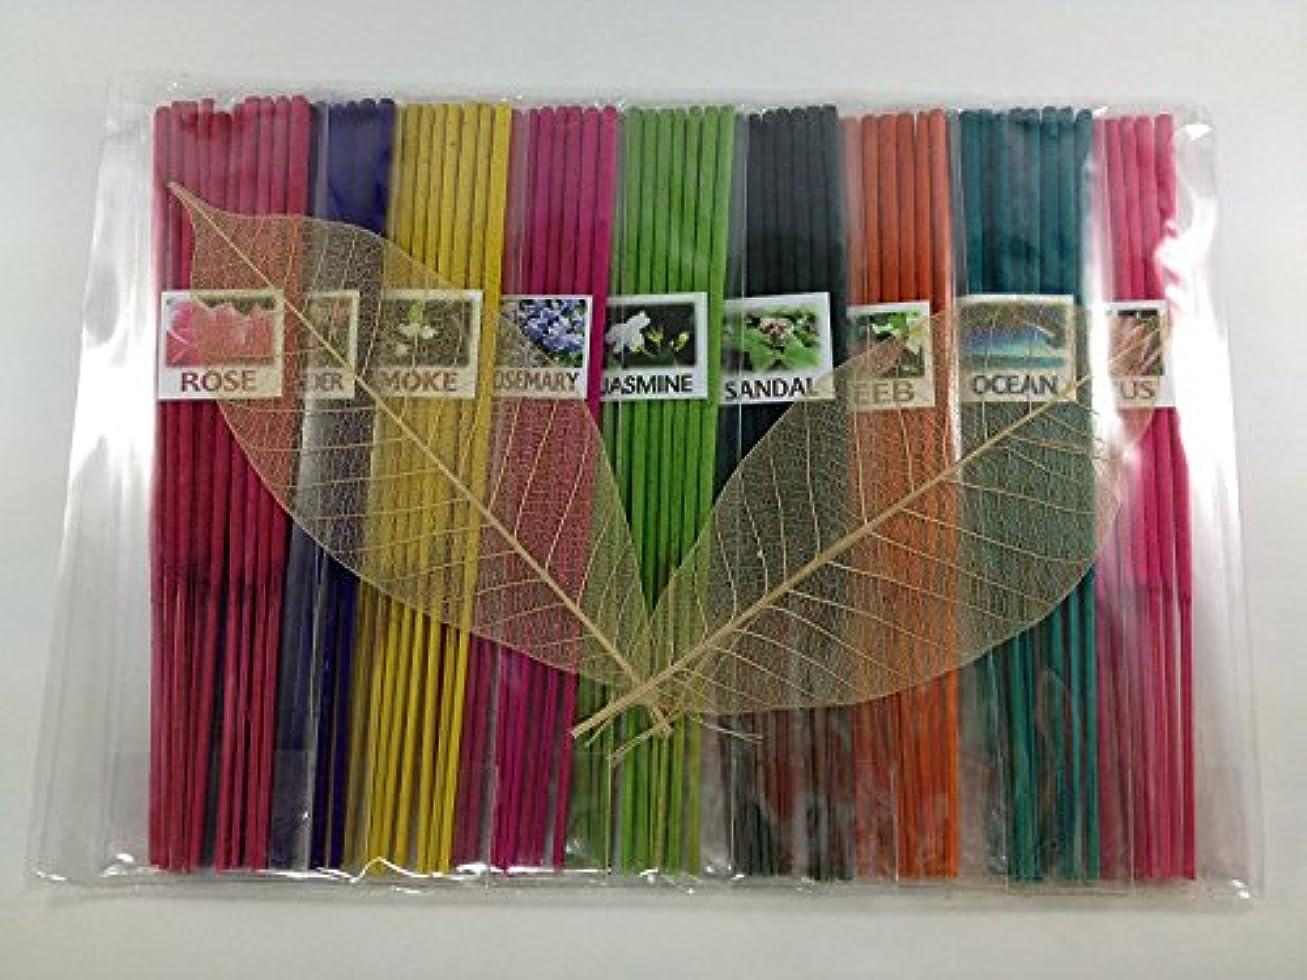 ボリューム乱闘財団Thai Incense Sticks with 9 Aroma Smell - Moke Rosemary Jasmine Sandal Lotus Ocean Rose Lavender Peeb.